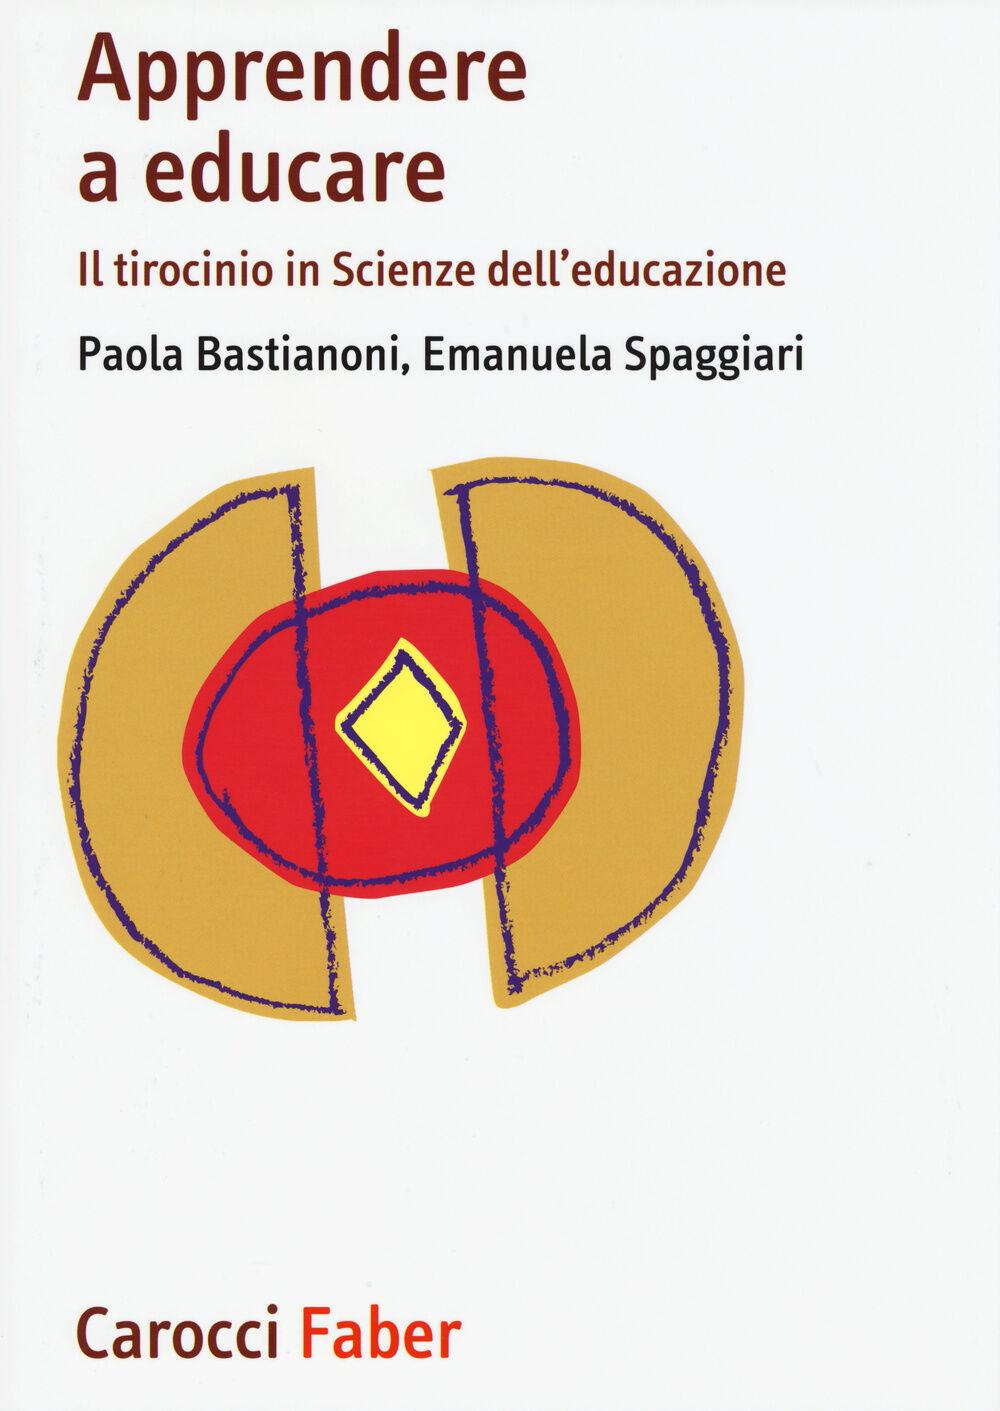 Apprendere a educare. Il tirocinio in Scienze dell'educazione